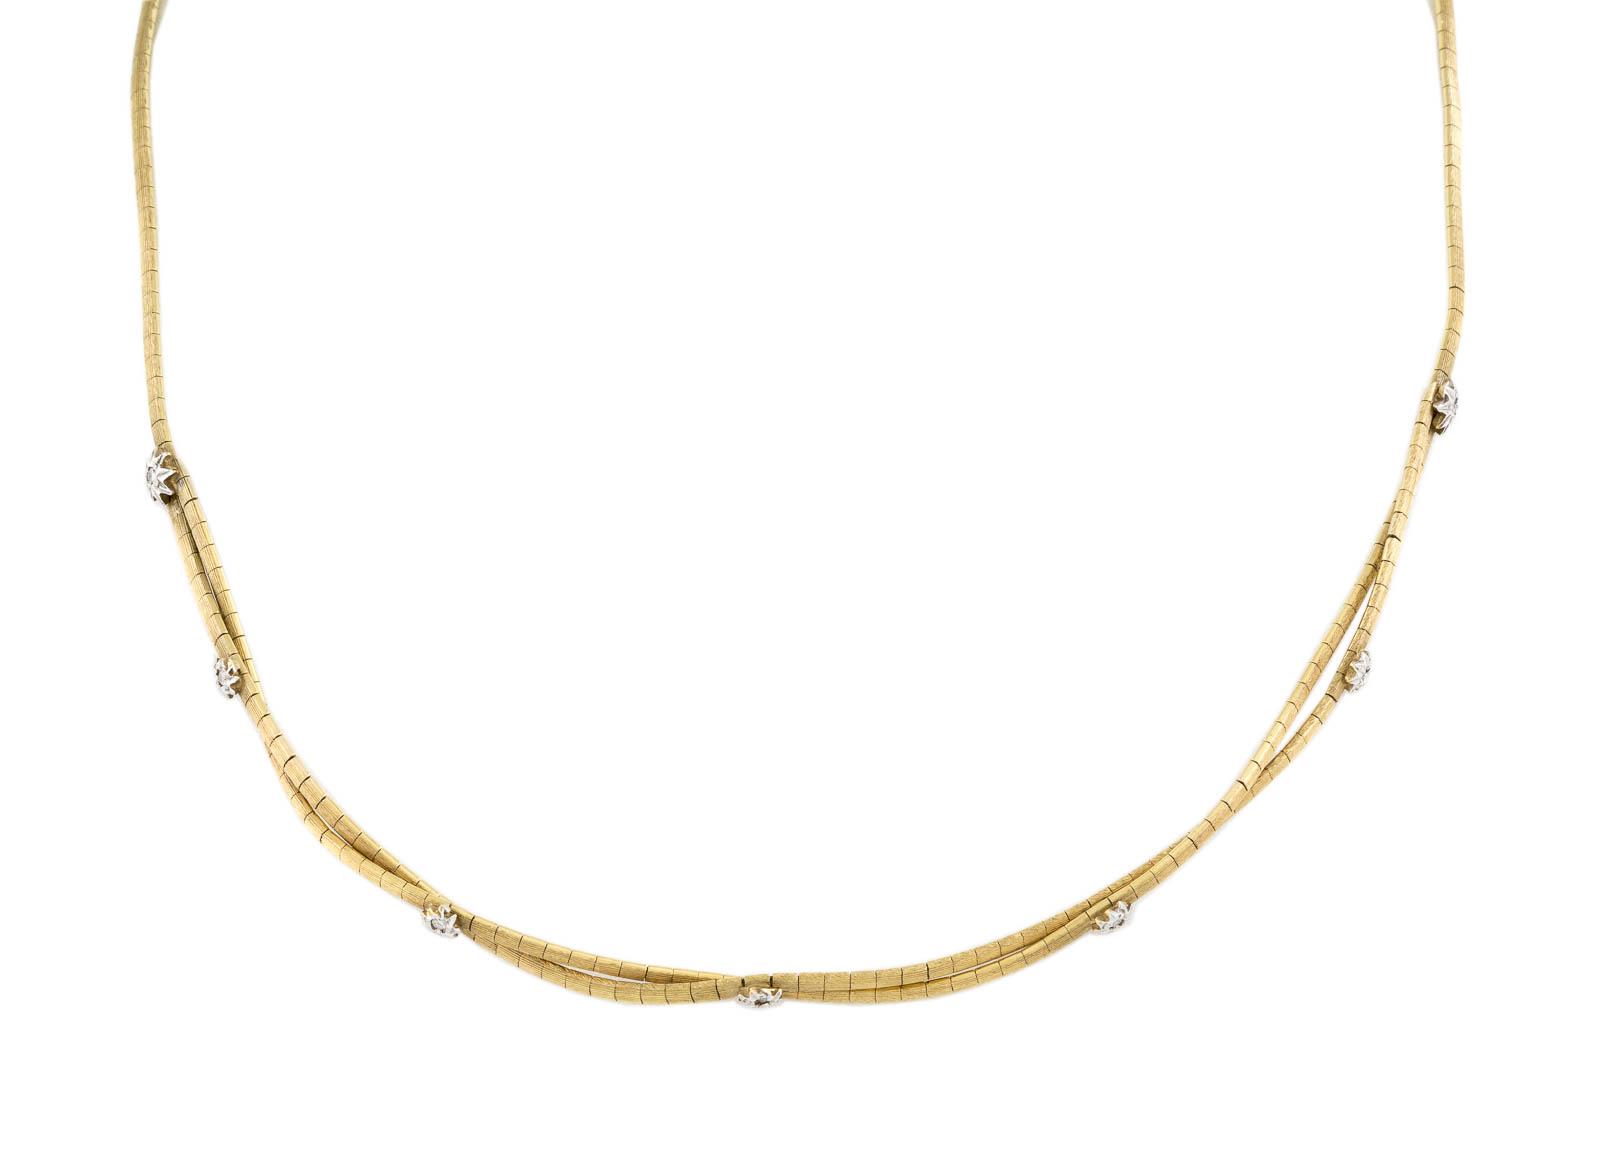 Lot 31 - DIAMANT-COLLIER Gelbgold, Weißgold. L. 43,5 cm, Ges.-Gew. ca. 17,2 g. Gest. 585. Besetzt mit